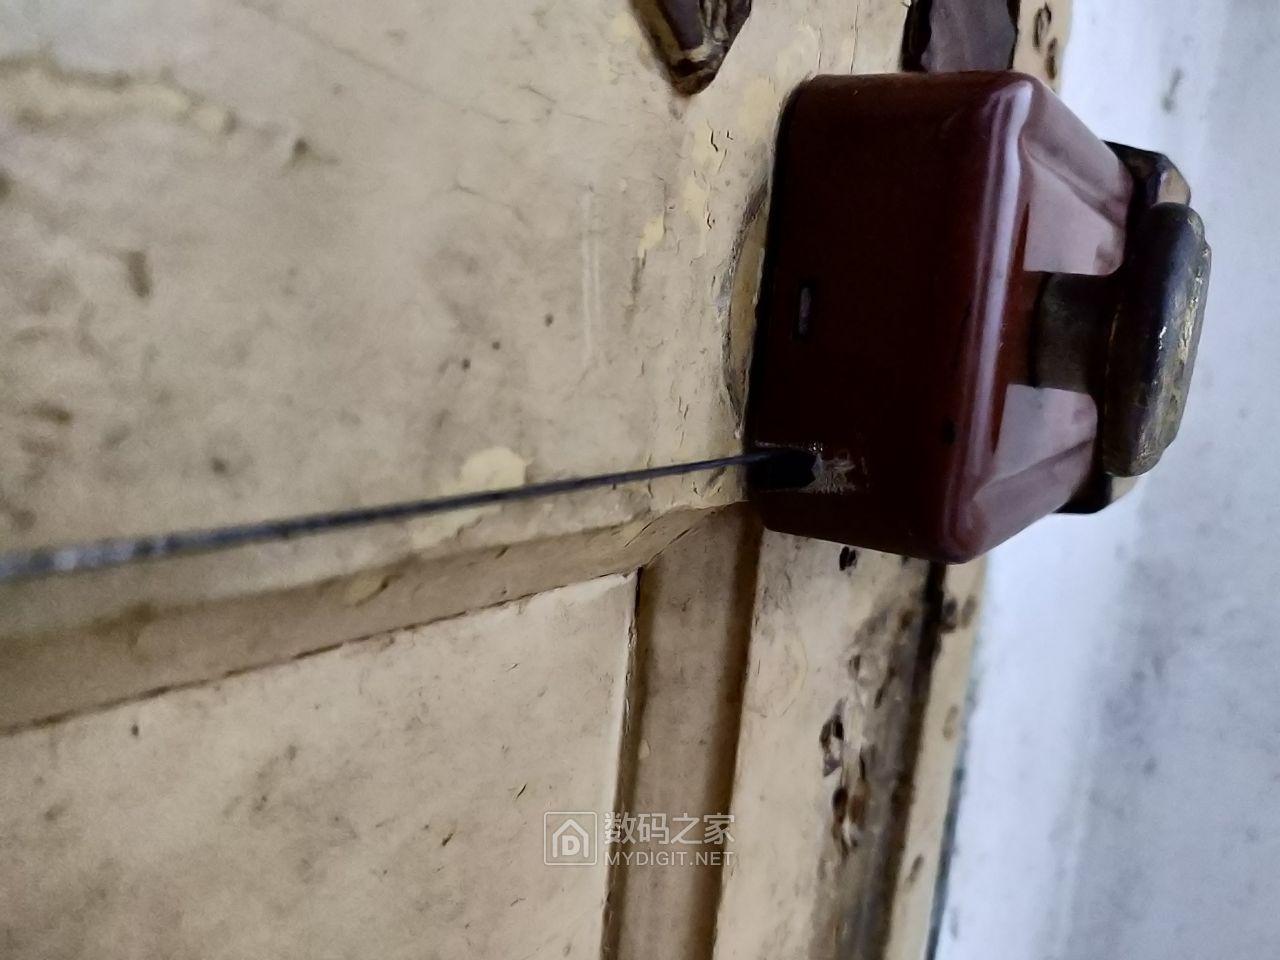 锁体外壳开个缺口用于穿铁丝